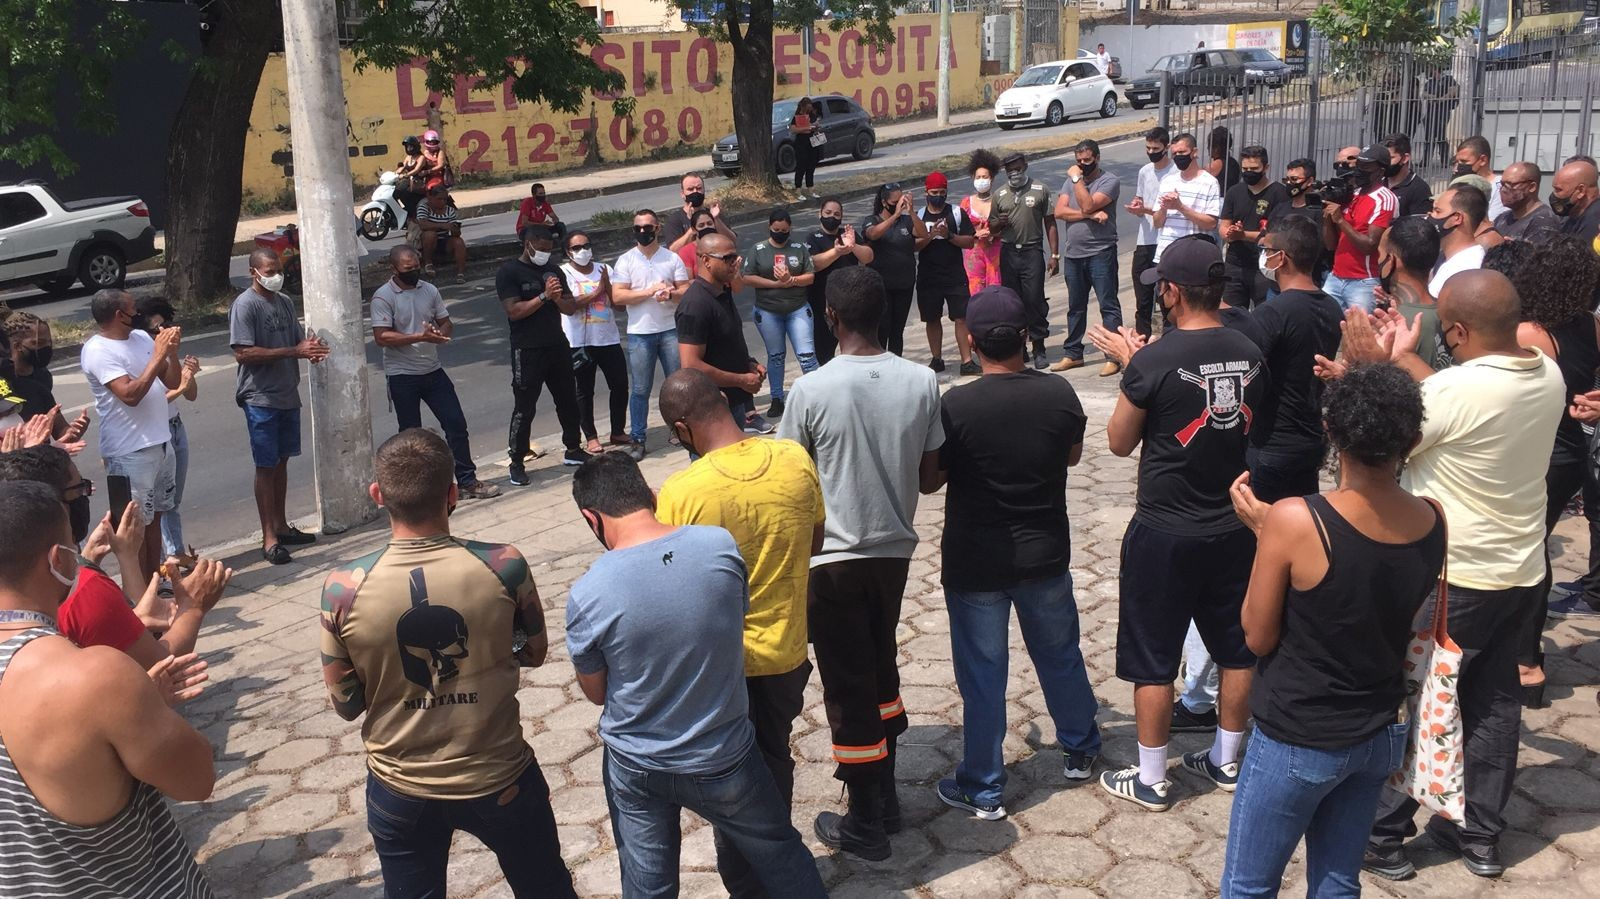 Manifestantes realizam ato por justiça e pedem rigor nas investigações da morte do segurança em Divinópolis